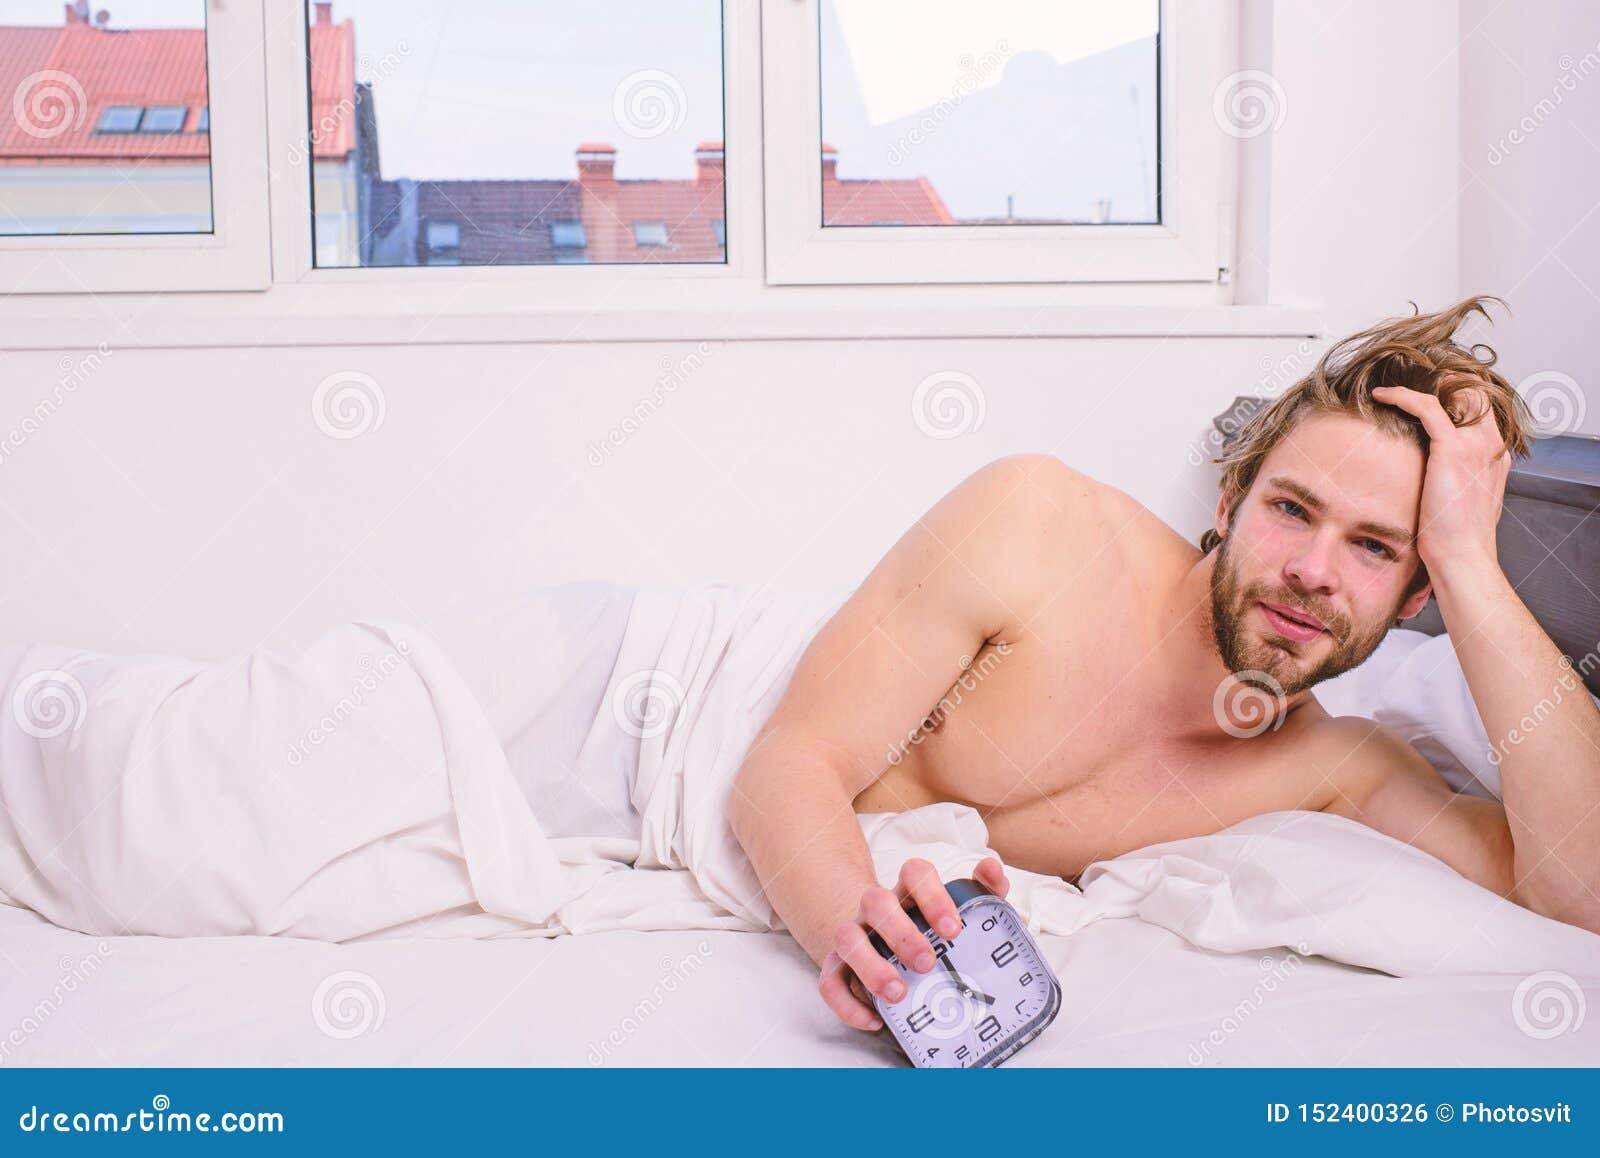 人不剃须的被放置的床举行闹钟 有人不剃须的有胡子的警惕的面孔休息棍子日程表同样上床时间苏醒